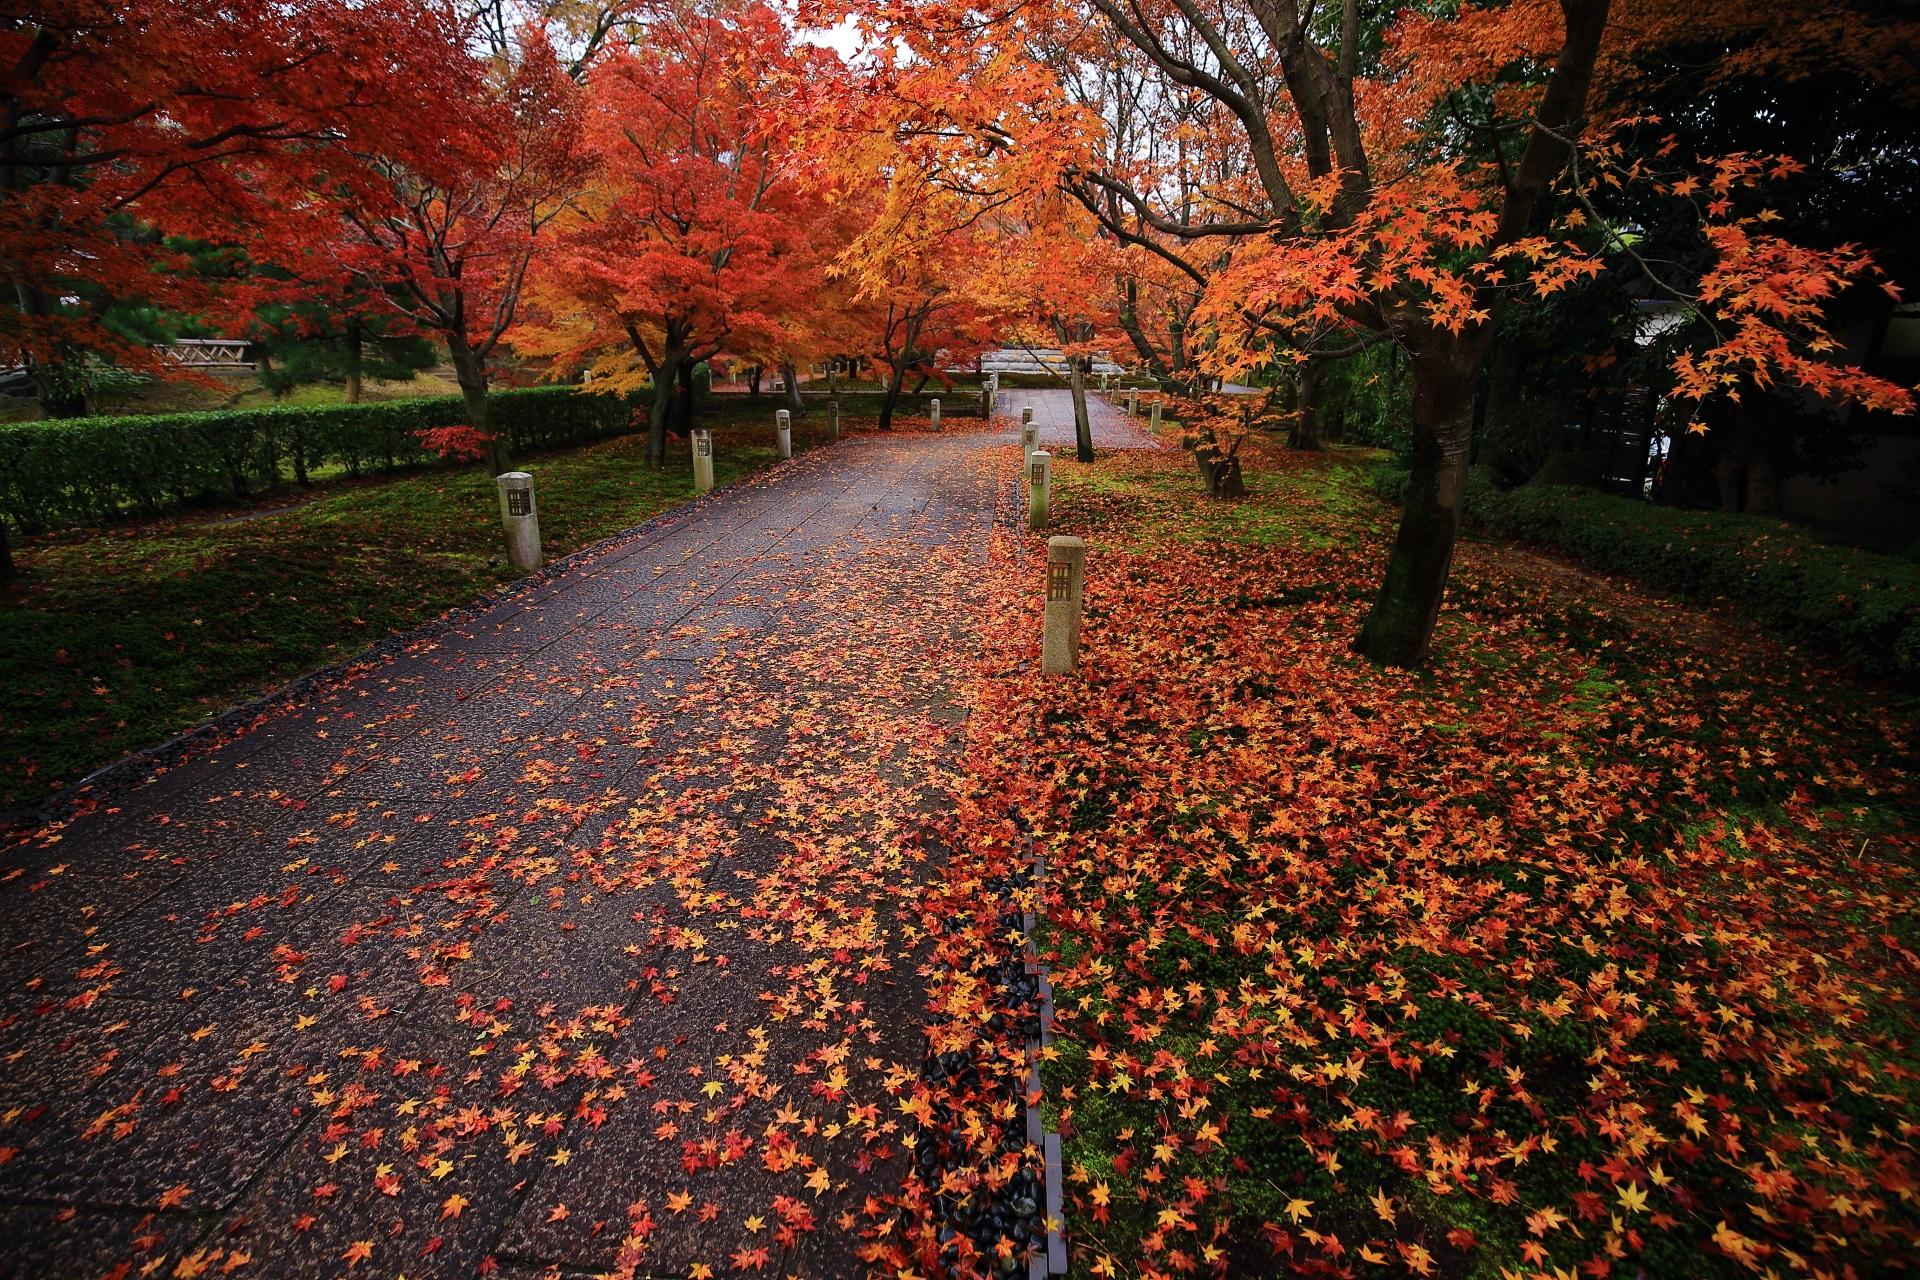 智積院の石畳の参道と苔を彩る華やかな散り紅葉